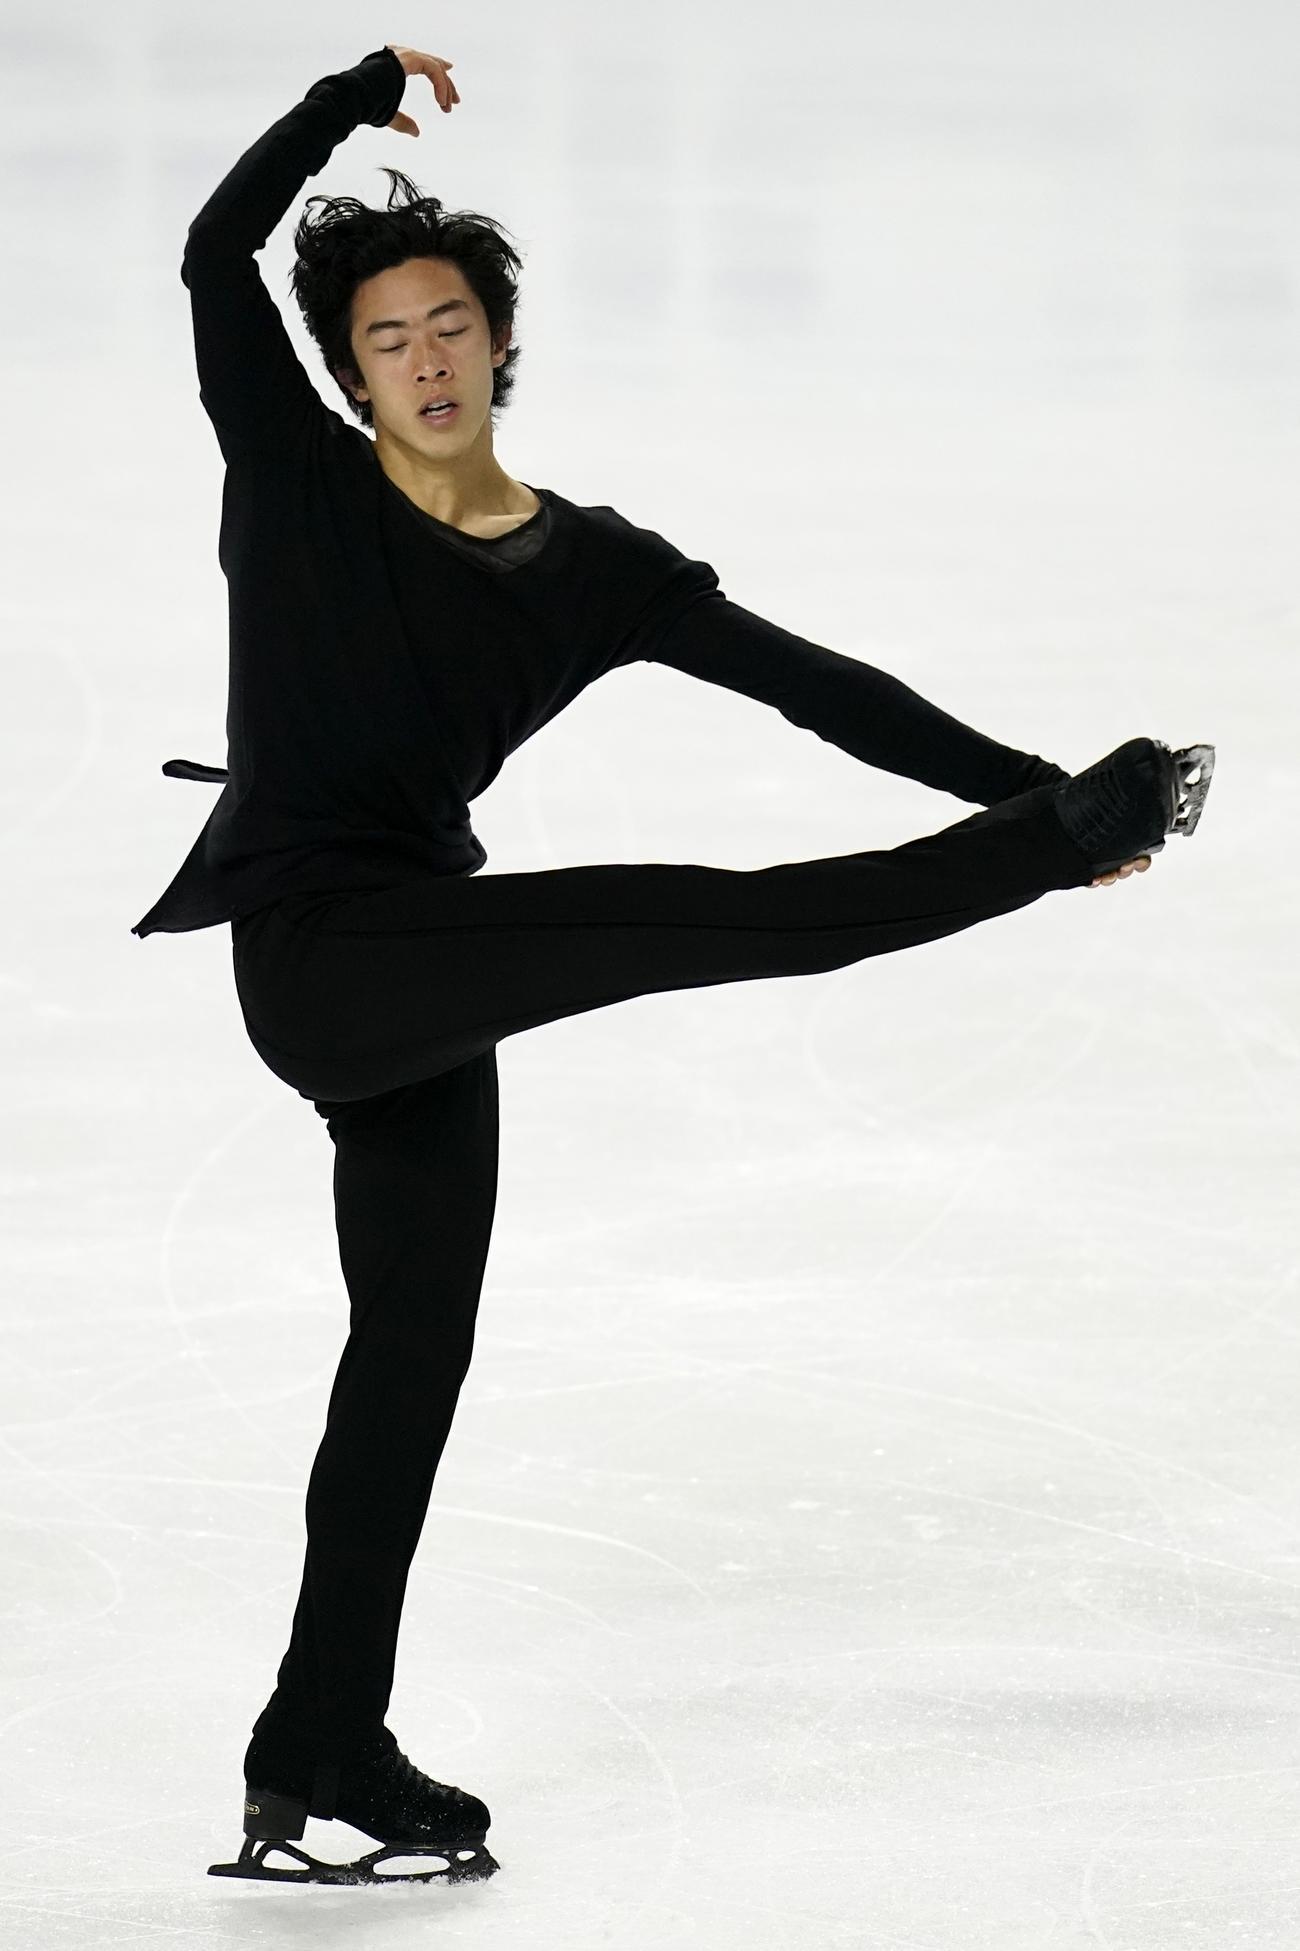 全米選手権で演技するネーサン・チェン(AP)